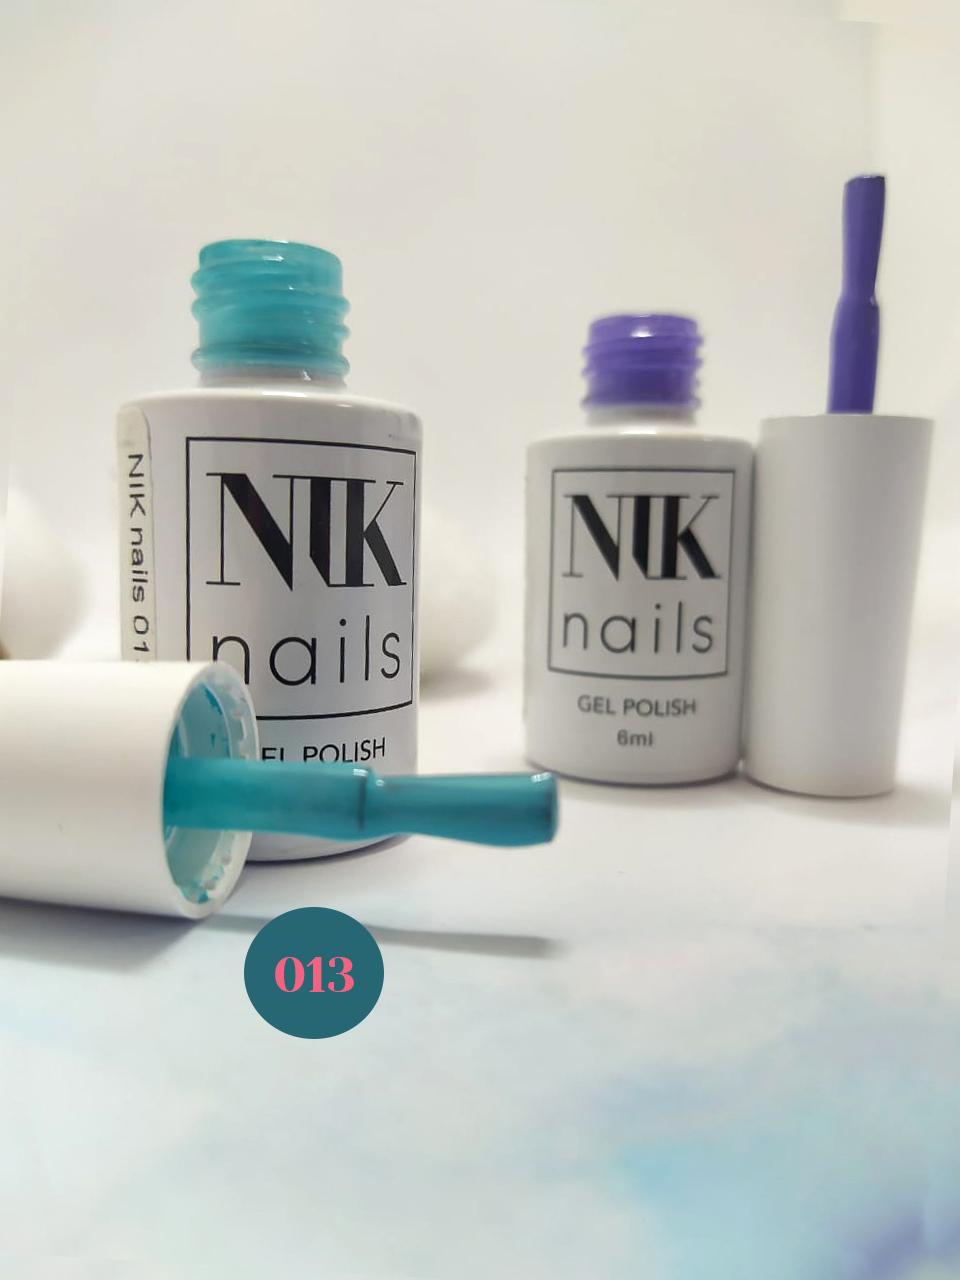 Обзор гель-лаков Nik nails